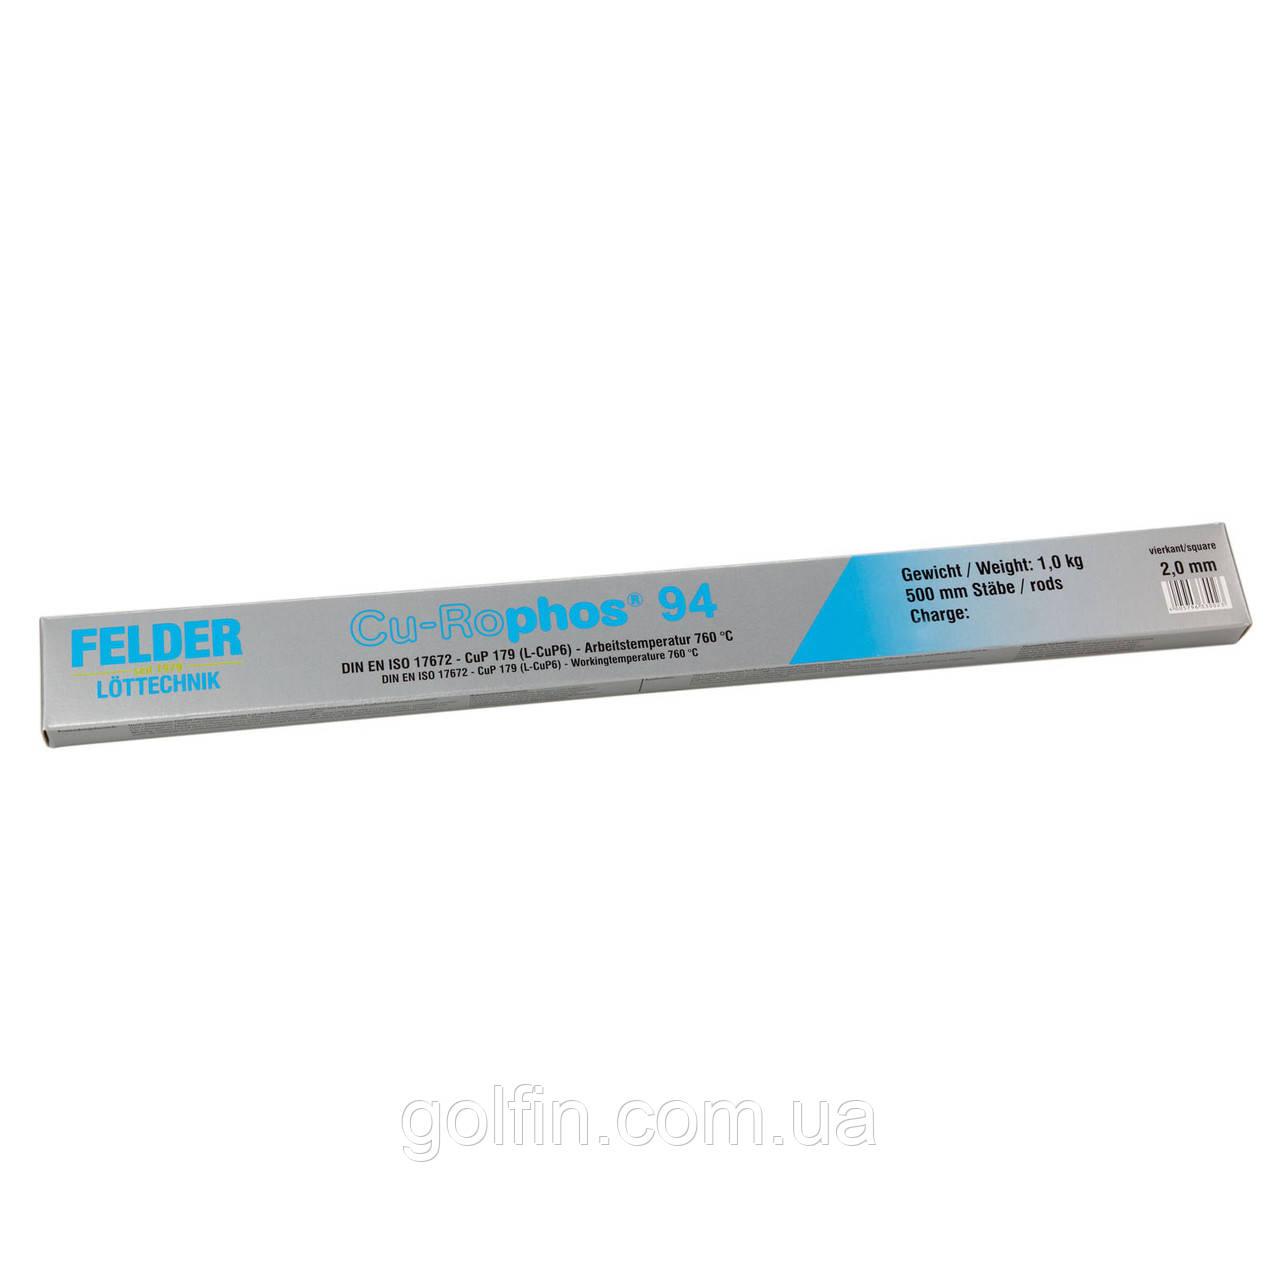 Припой медно-фосфорный Felder S94 2.0 мм